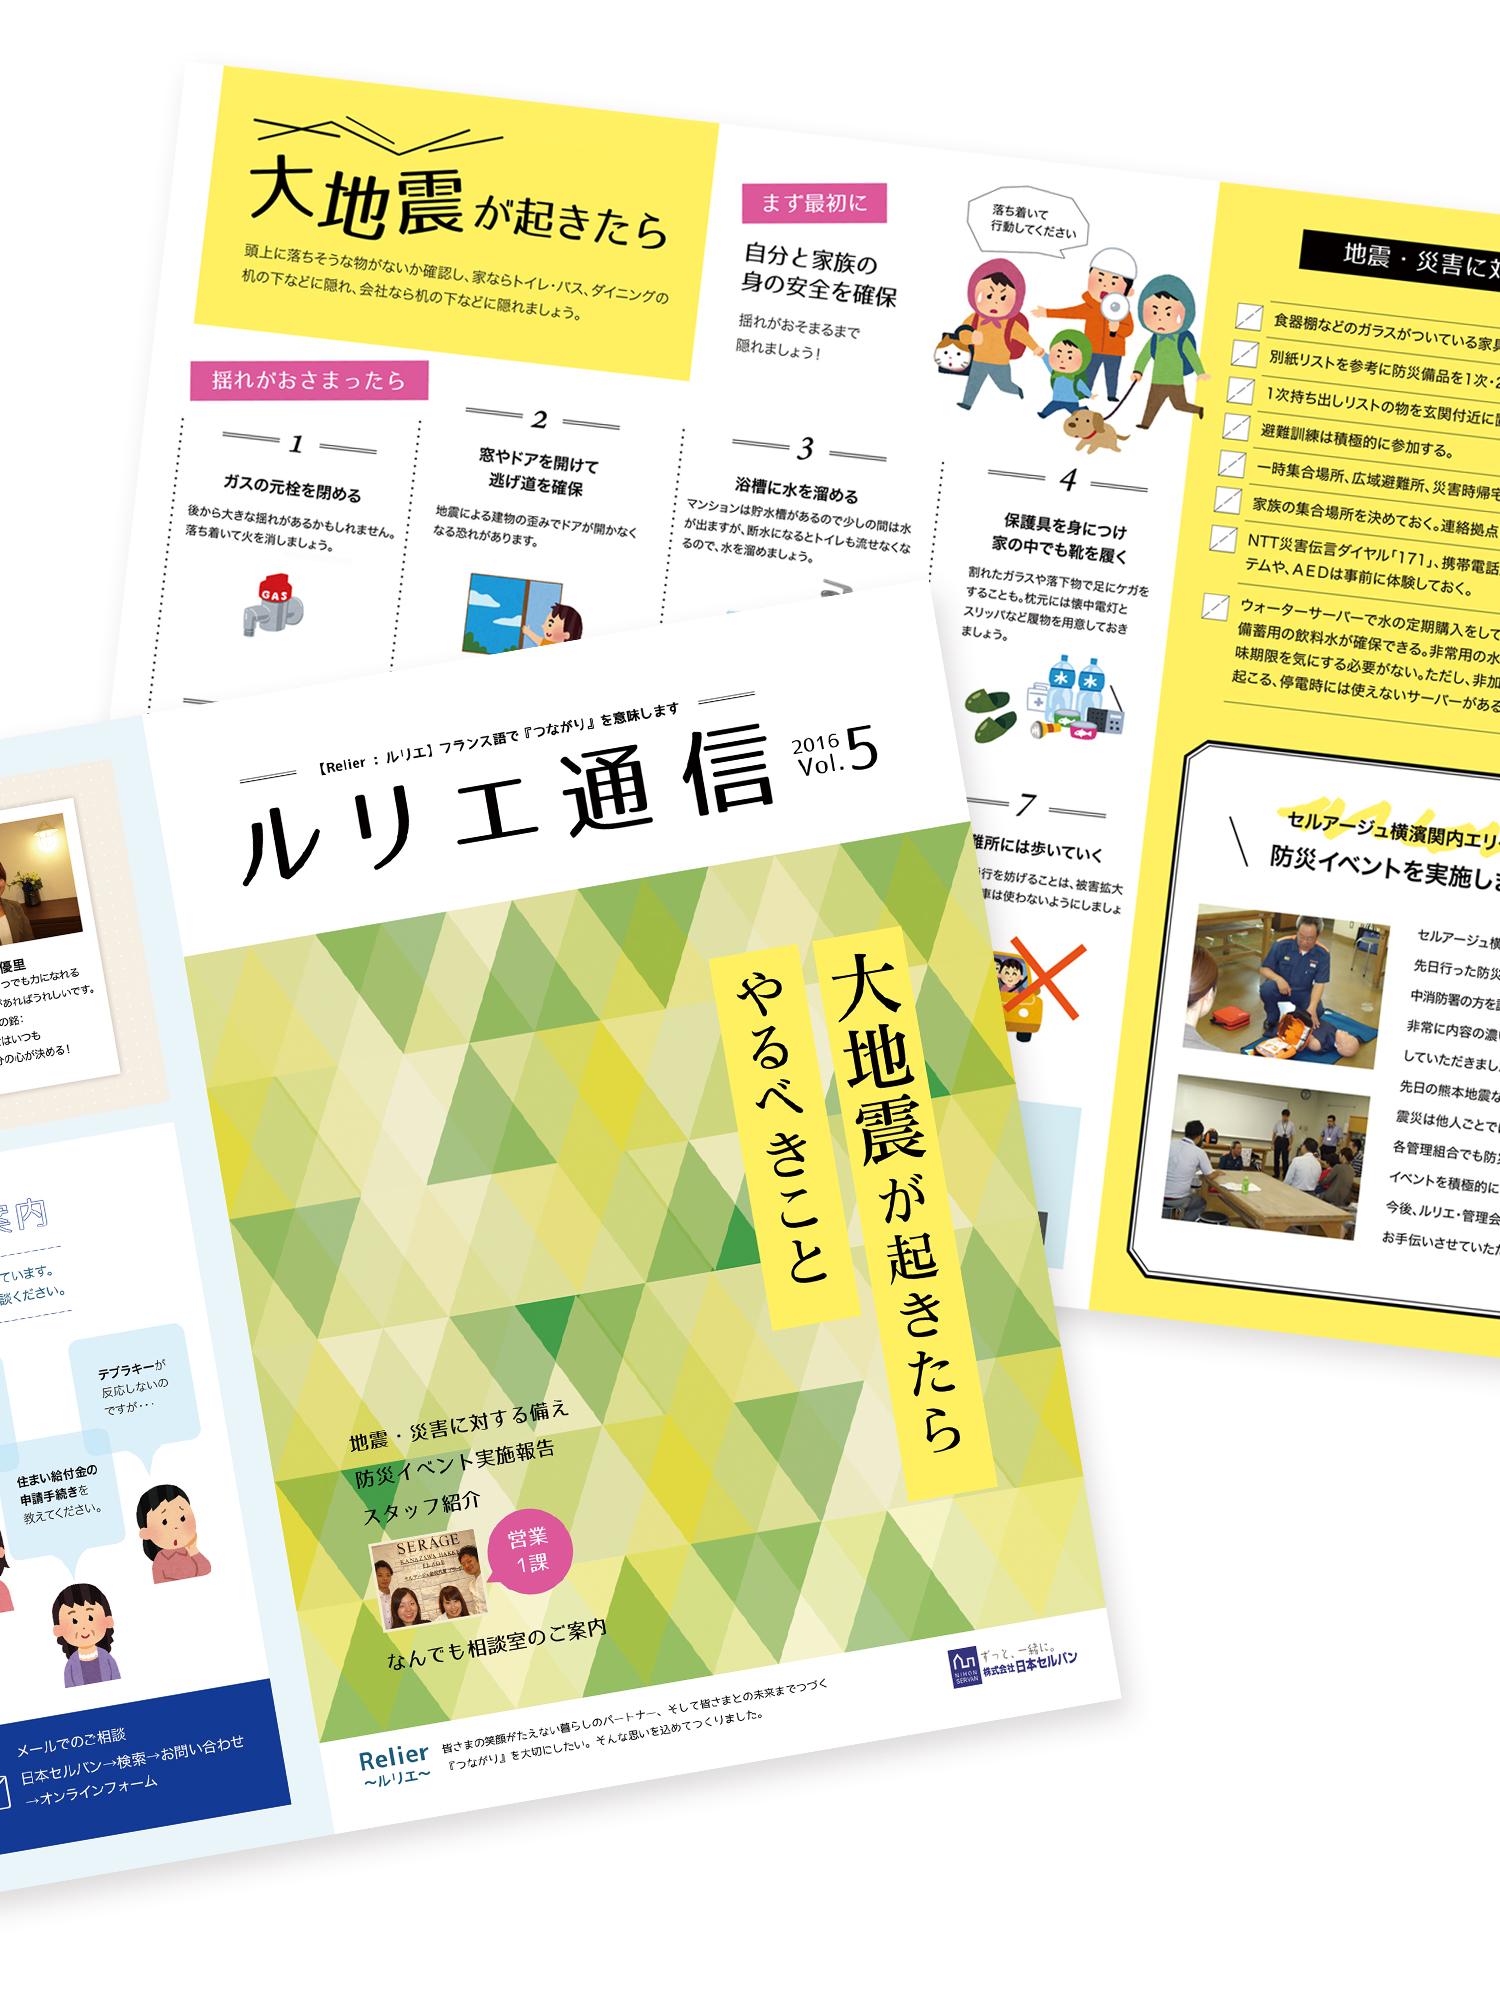 日本セルバンさま ルリエ通信Vol.5